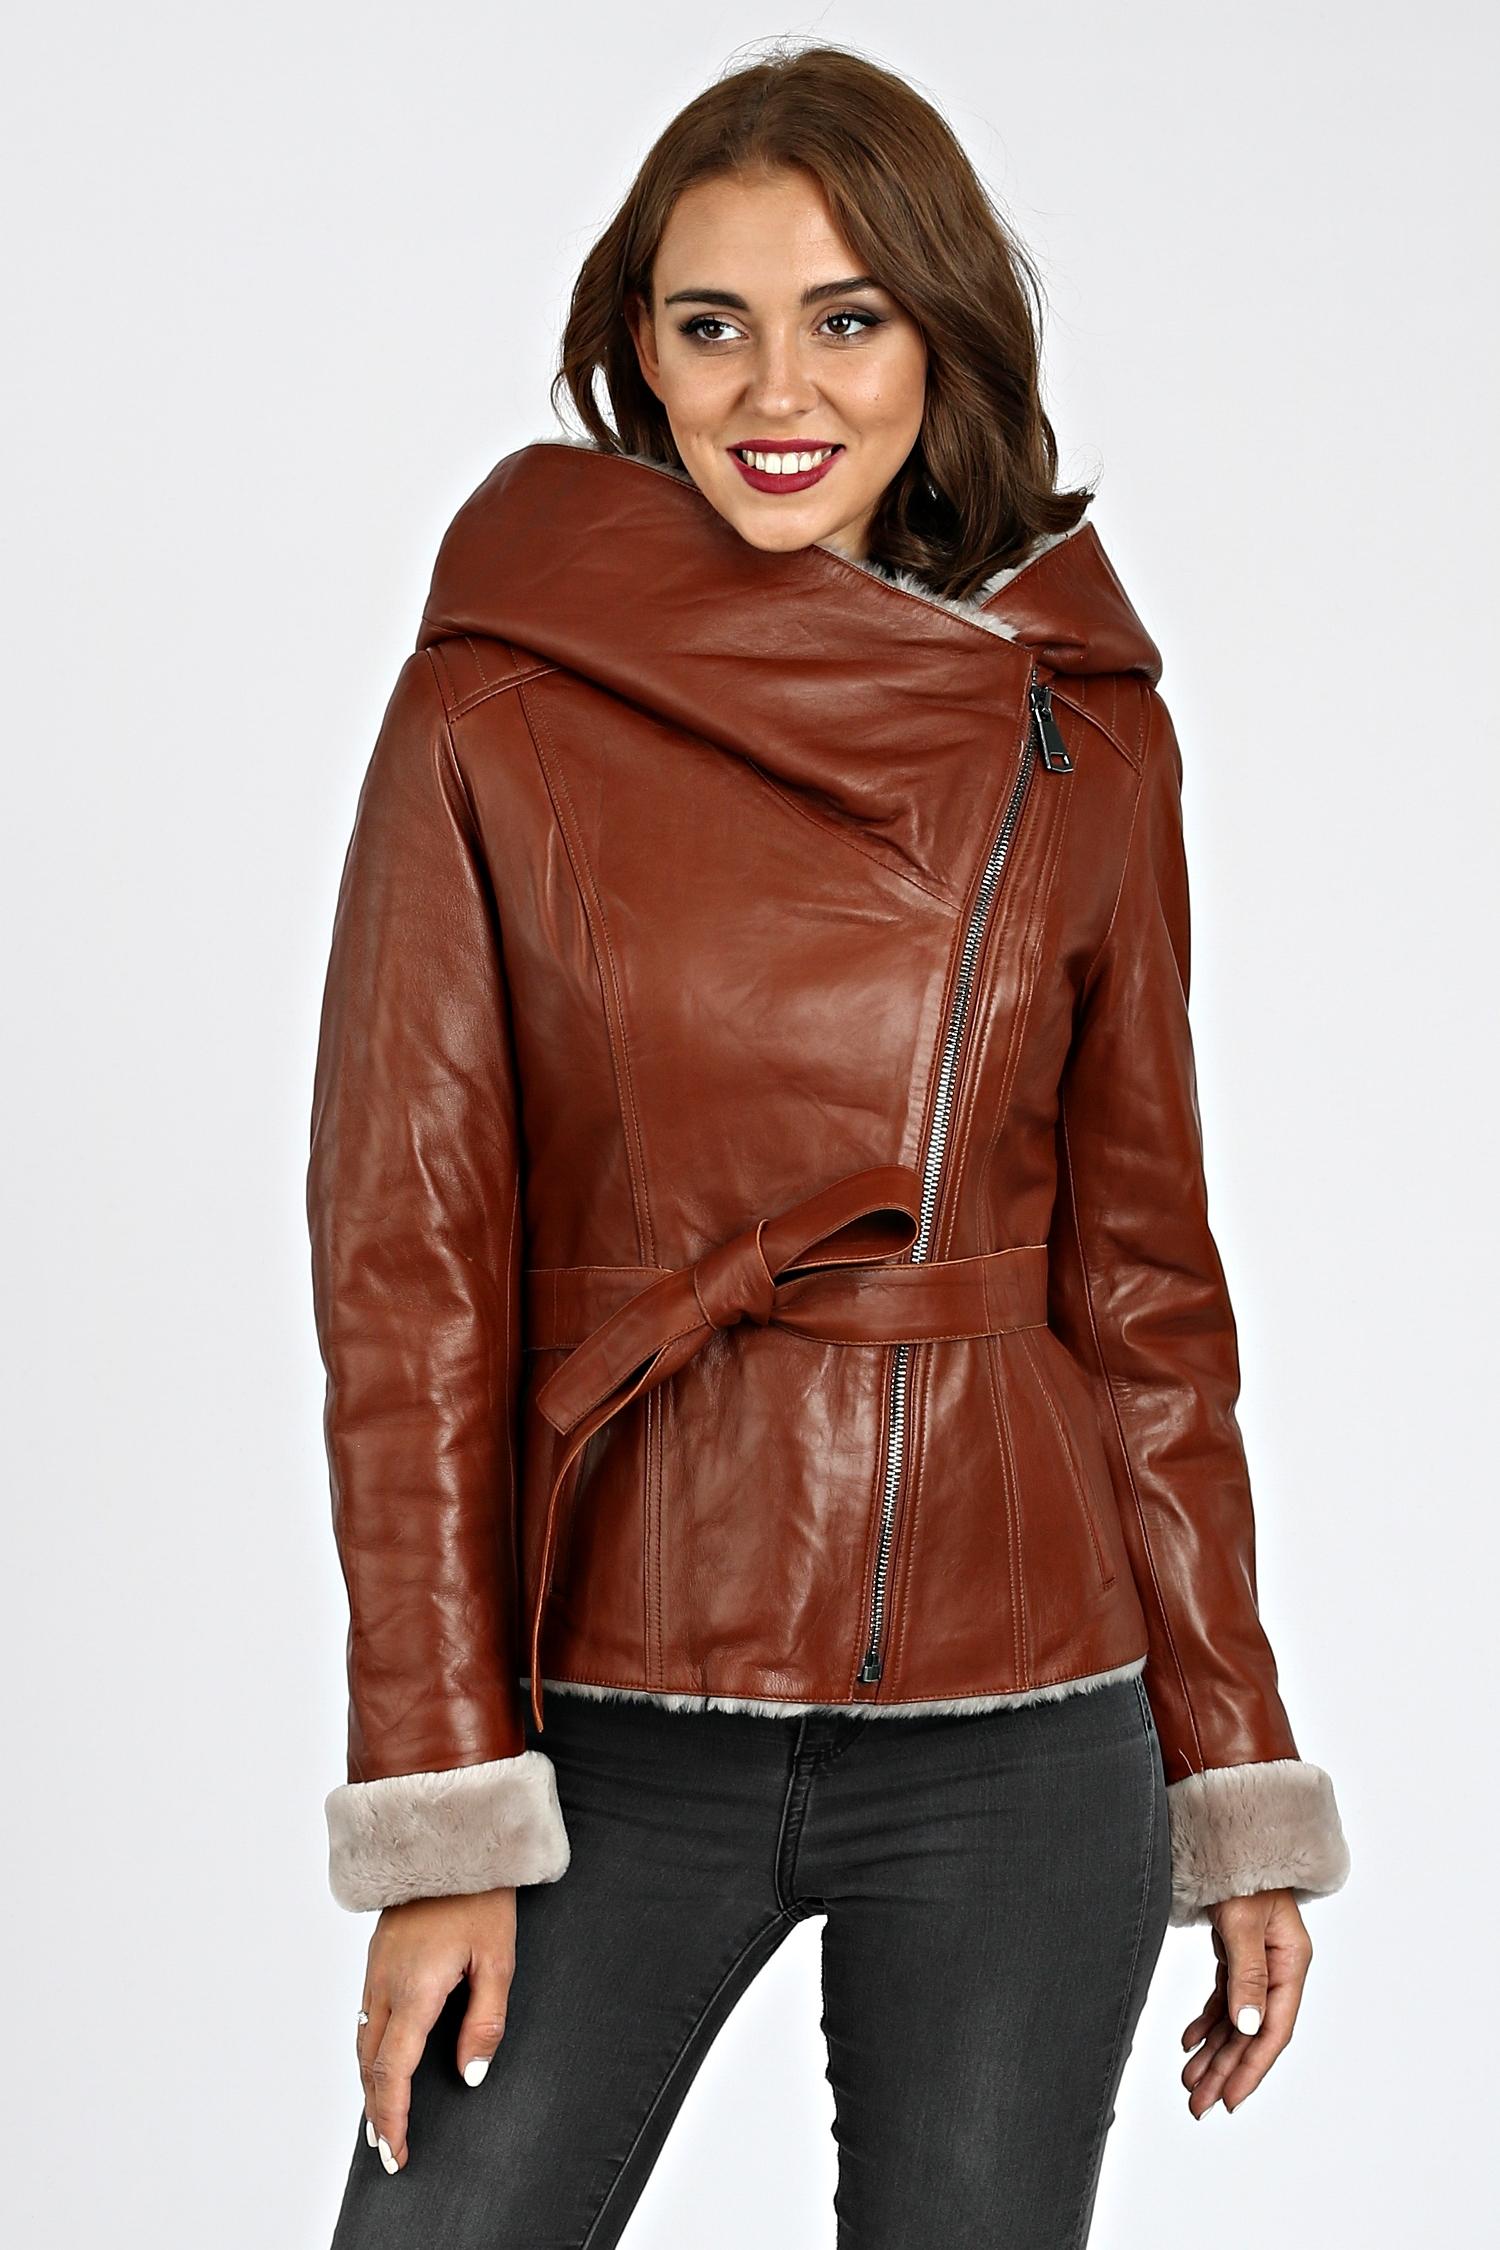 cec522e068e4 Женская кожаная куртка из натуральной кожи на меху с капюшоном (Арт ...